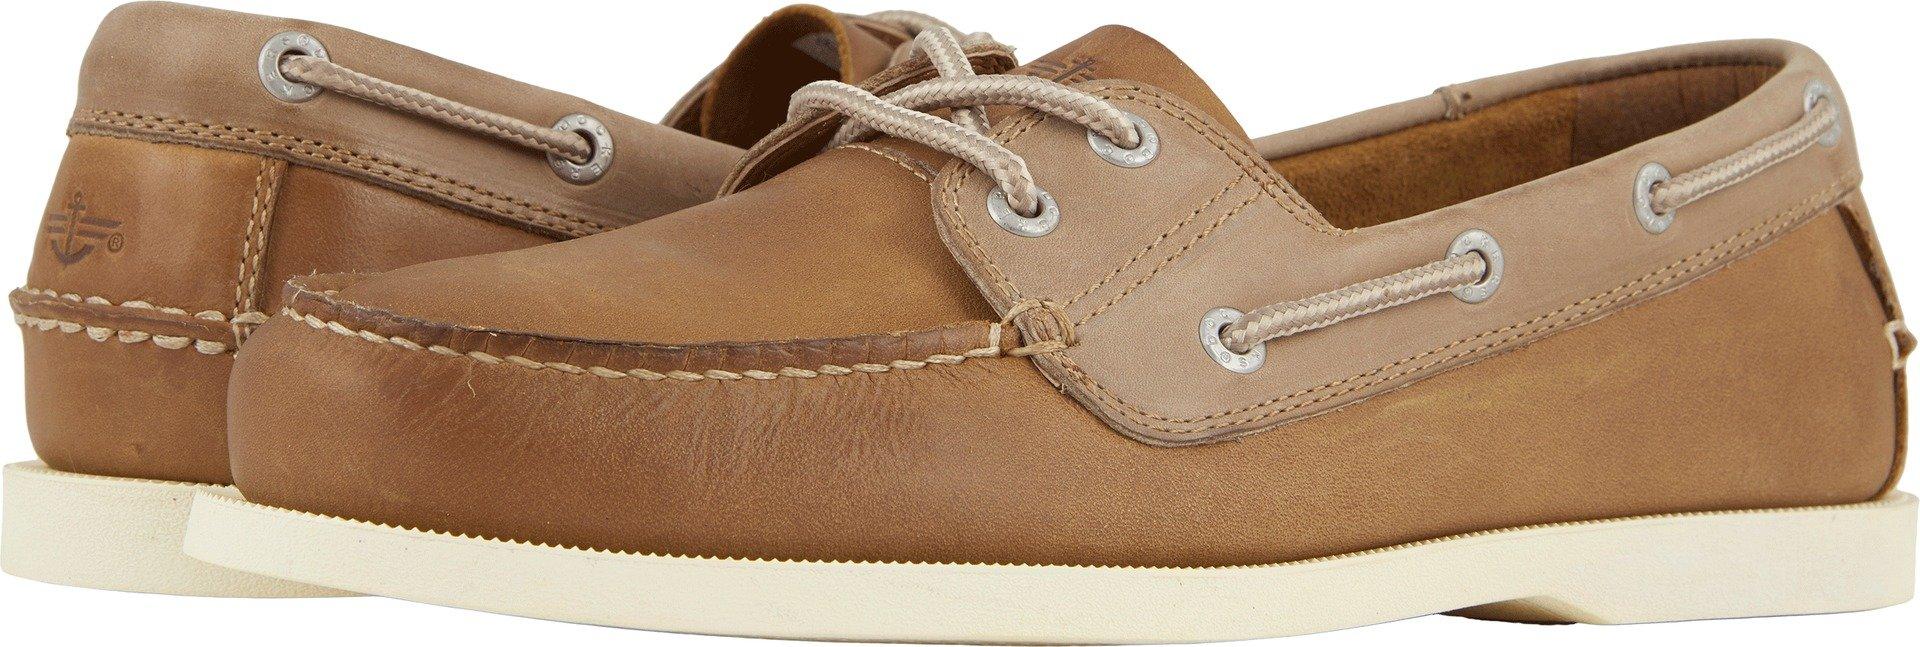 Dockers Footwear Mens Shoes Vargas Walking, Tan, 9.5 M US